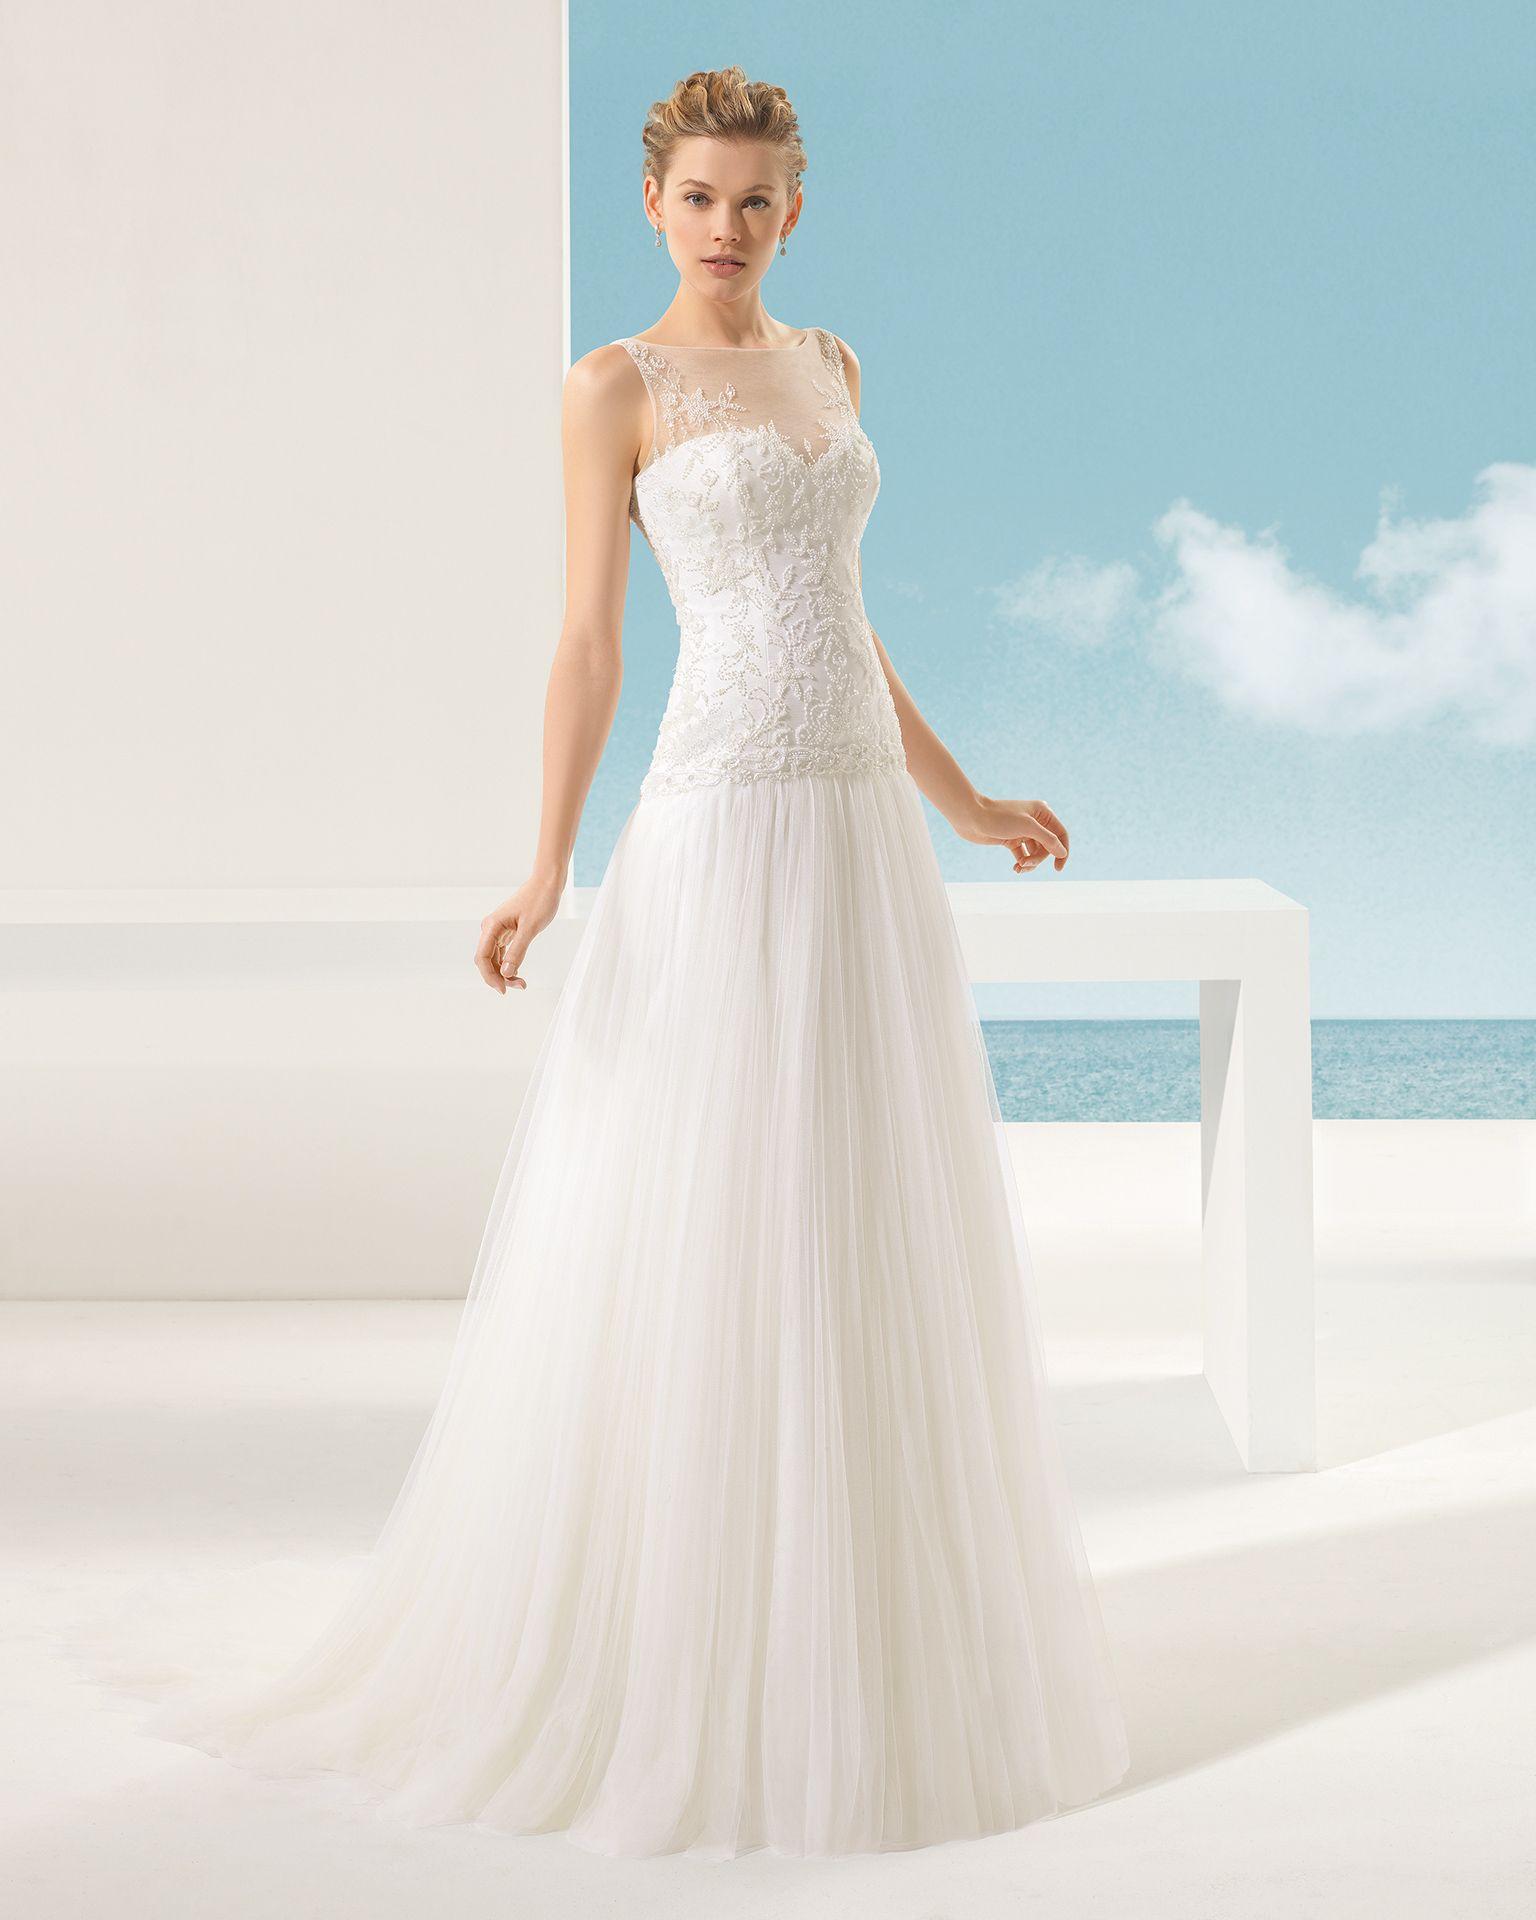 Vestidos de novia y vestidos de fiesta | Bridal gowns, Stunning ...